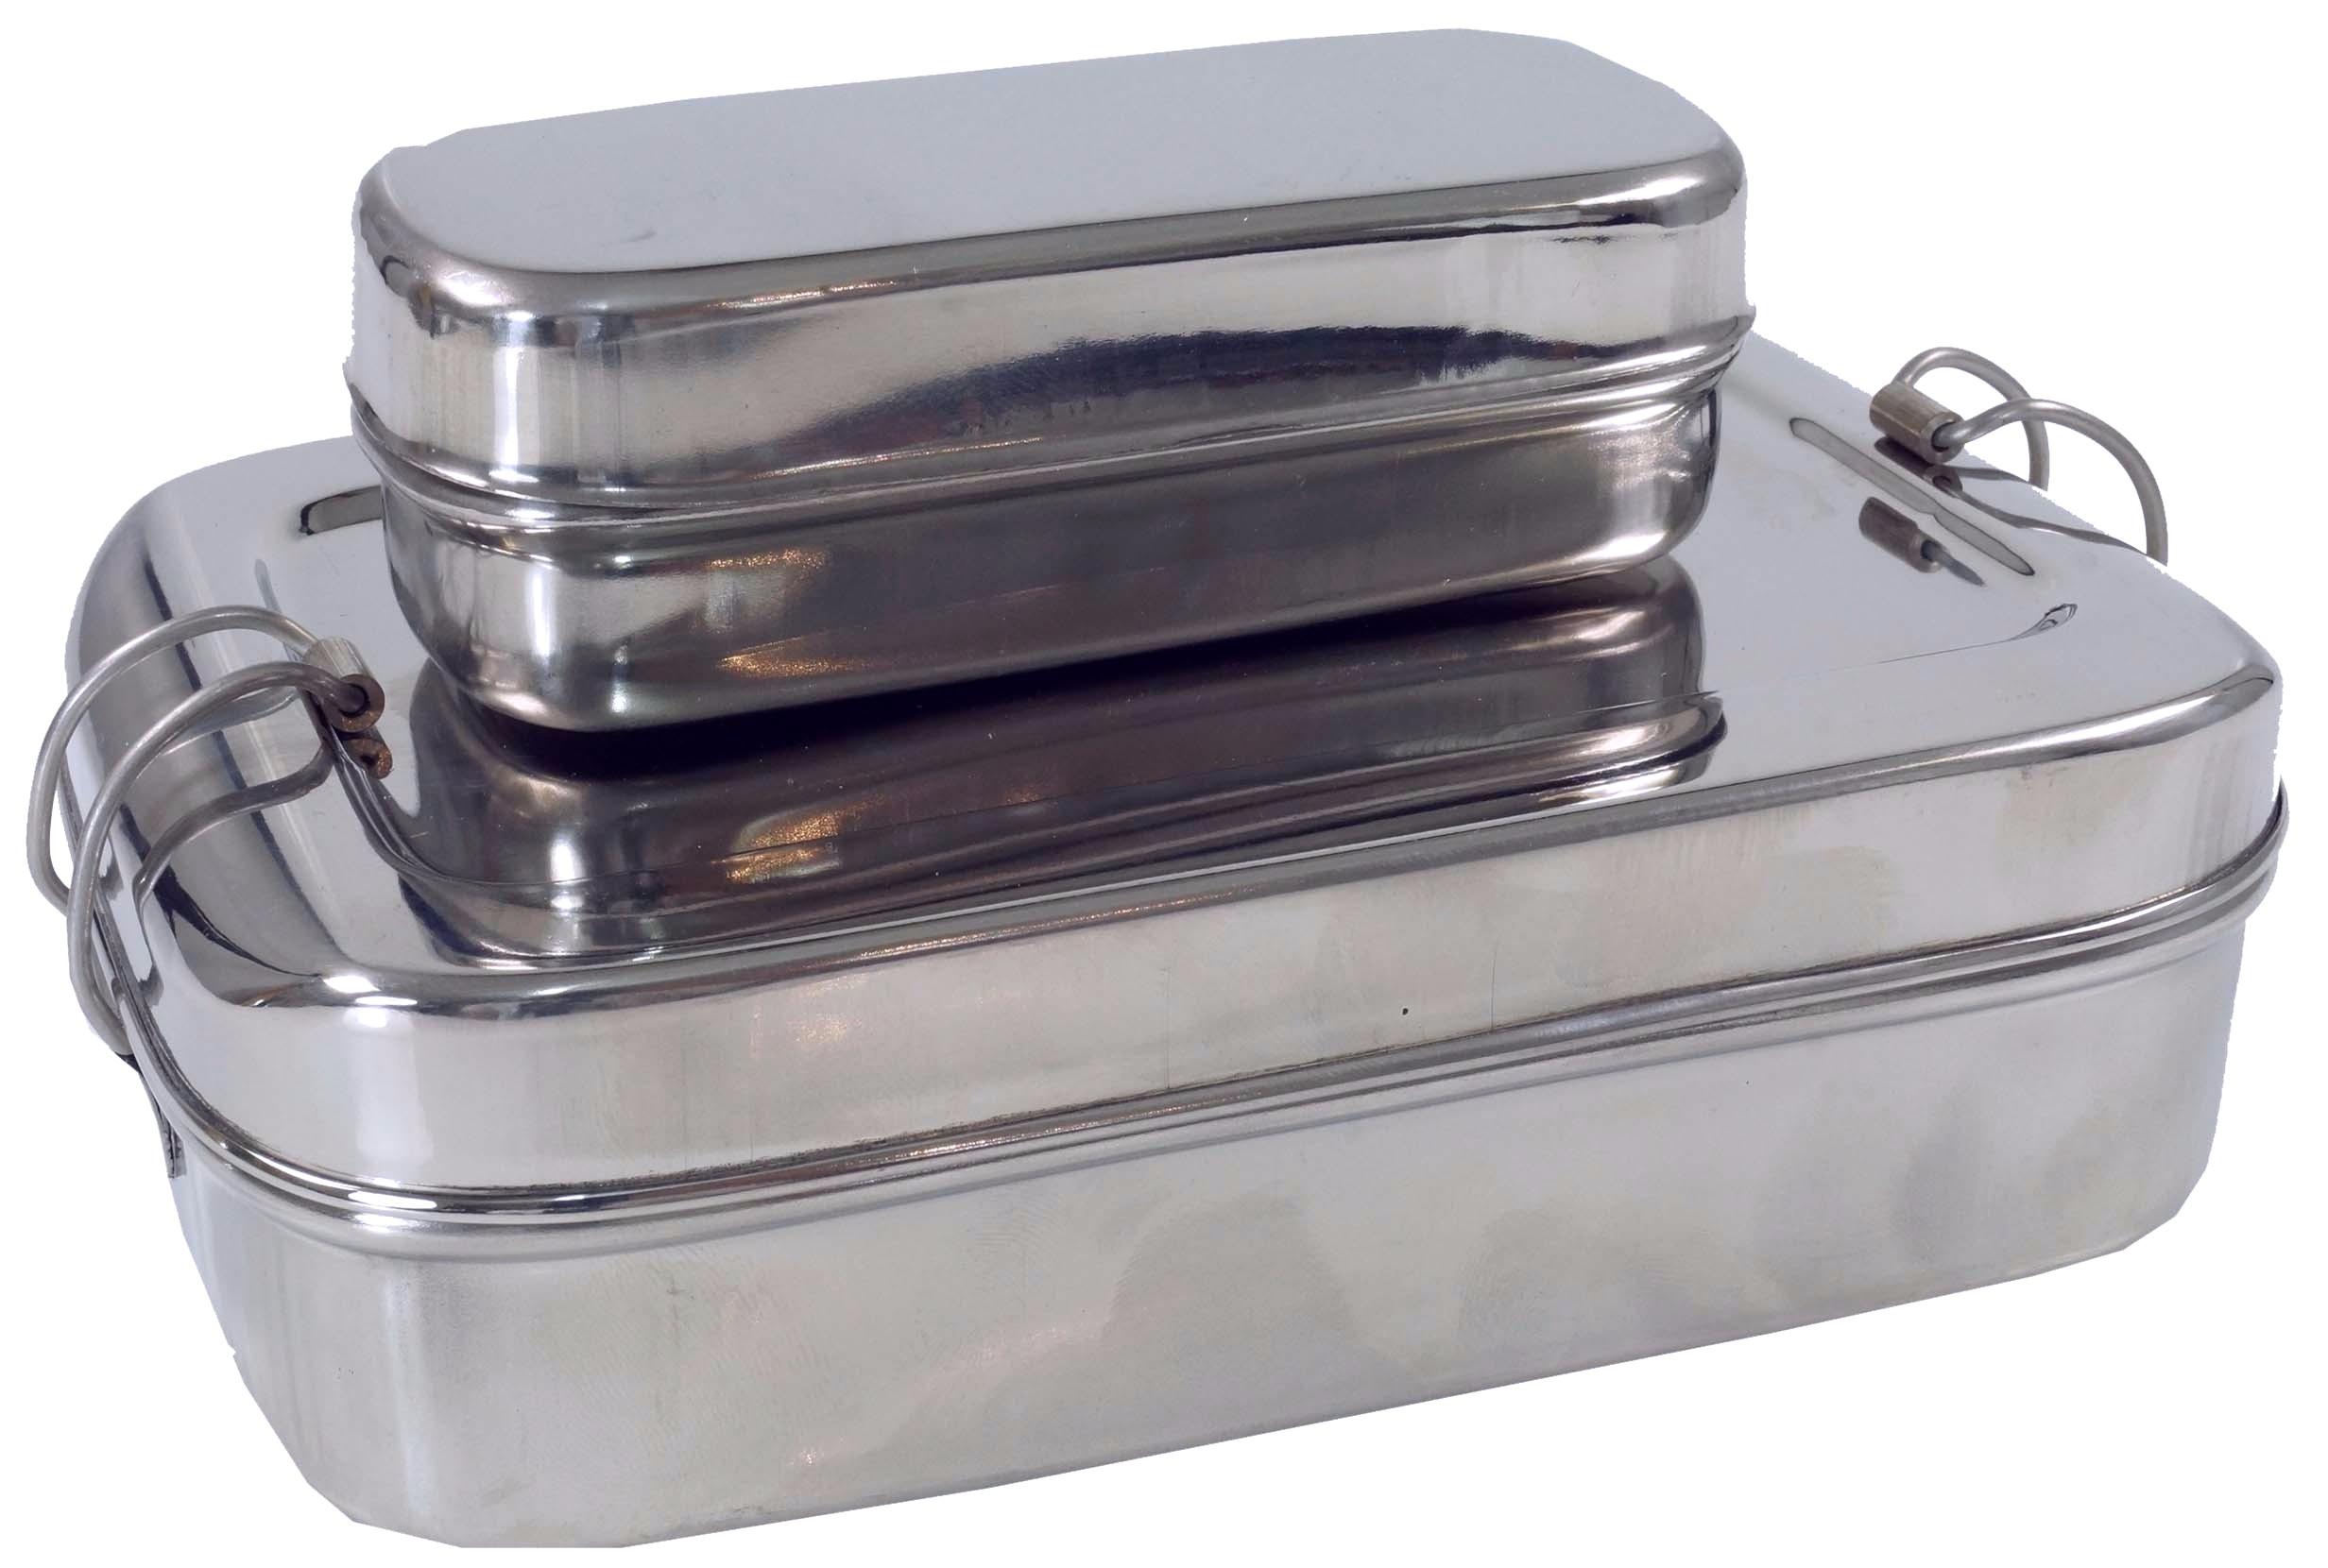 Lunchbox  Vesper Brotdose Edelstahl mit Innenbehälter Deckel Griff 4 Teile neu